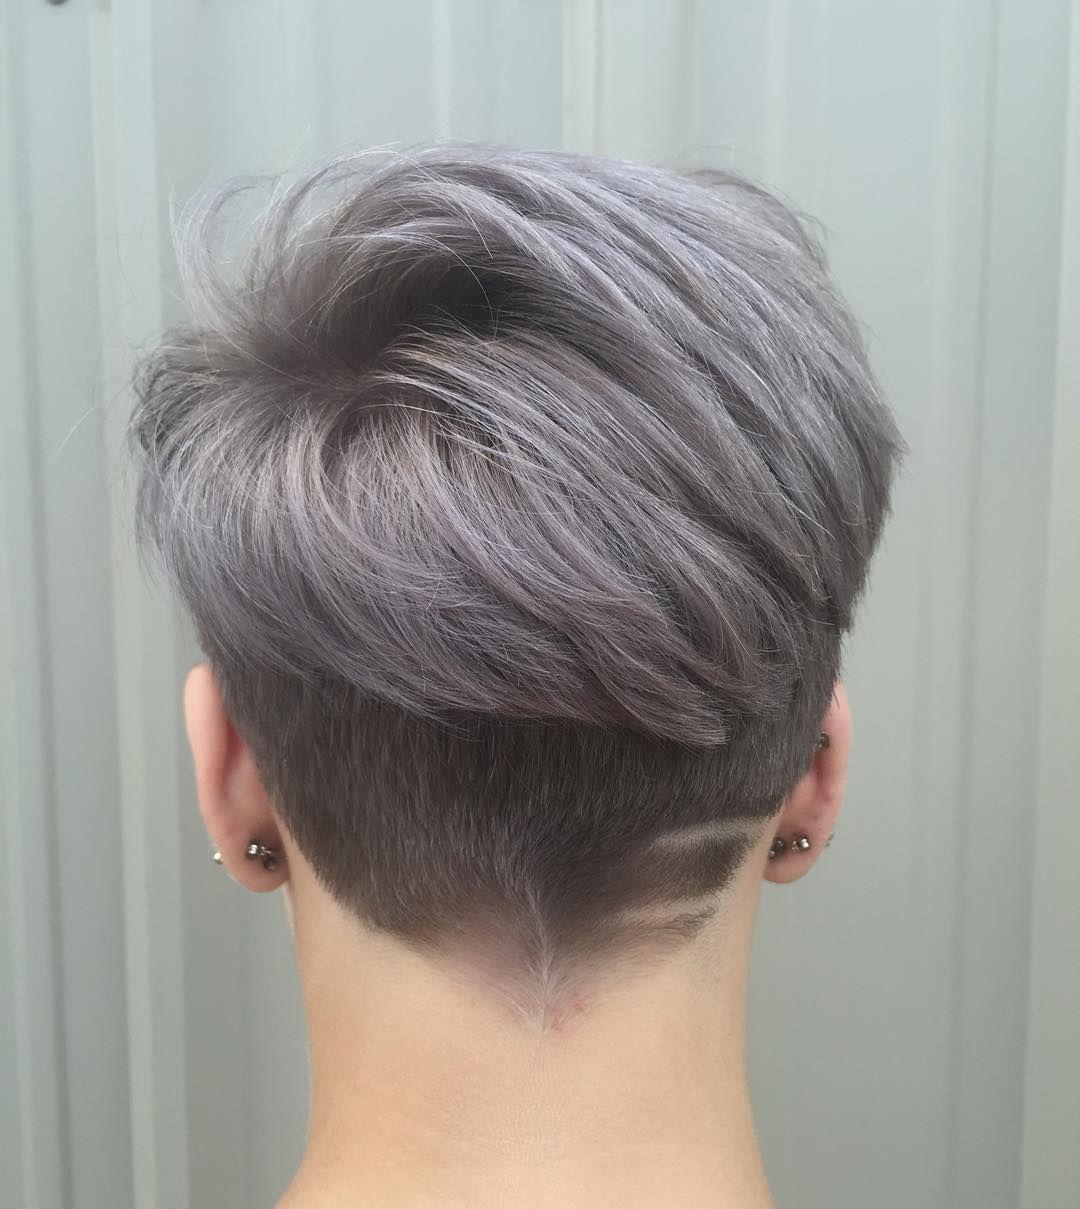 Excellent Short Hairstyles For Men Rambut Ikal Pendek Rambut Dan Kecantikan Gaya Rambut Pria